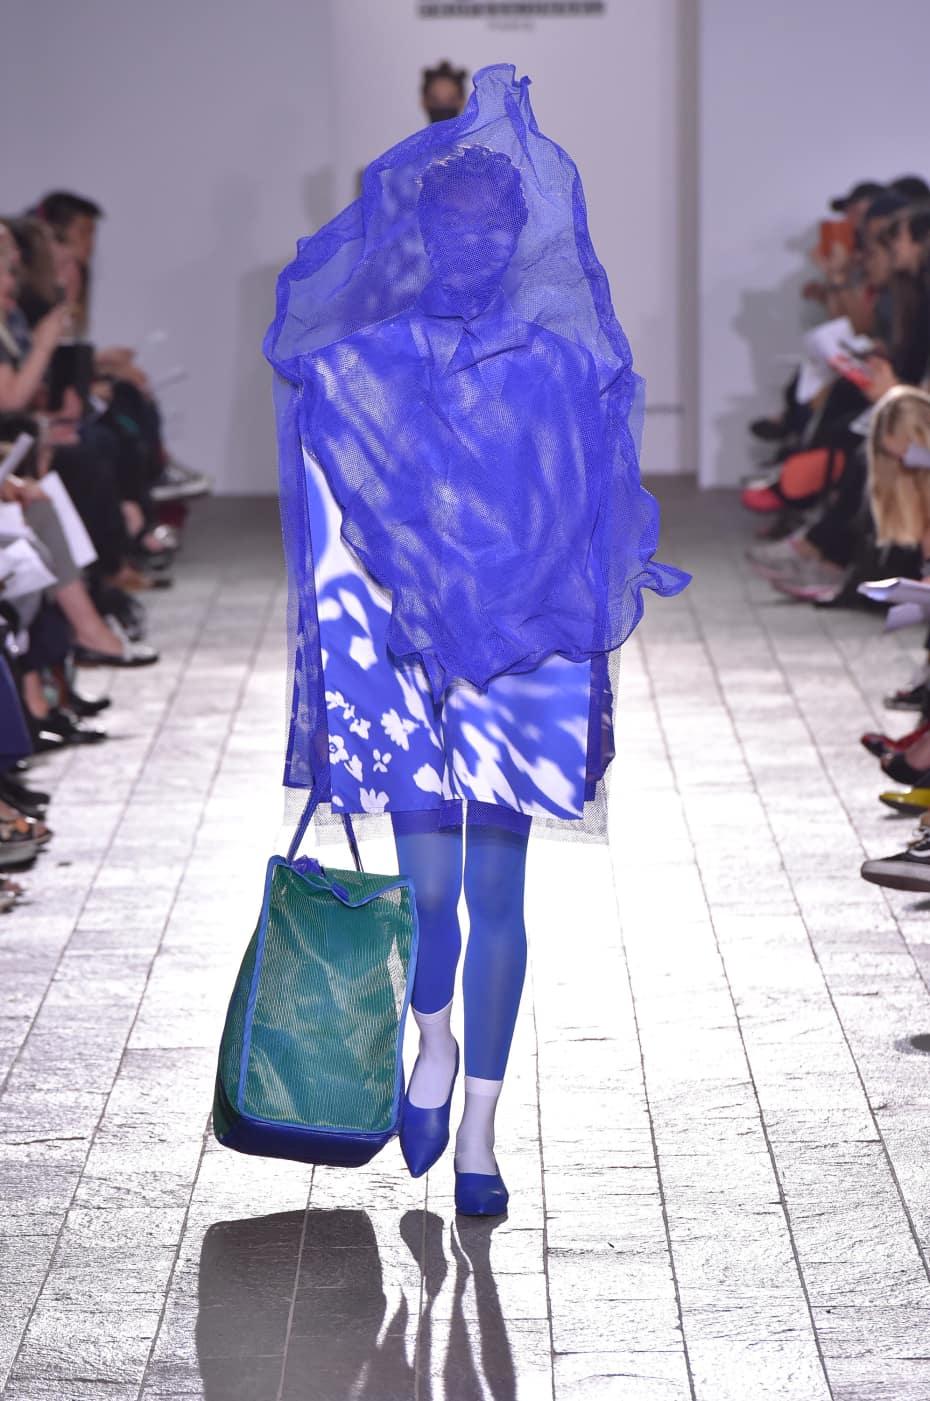 BA (Hons) Fashion: Fashion Print